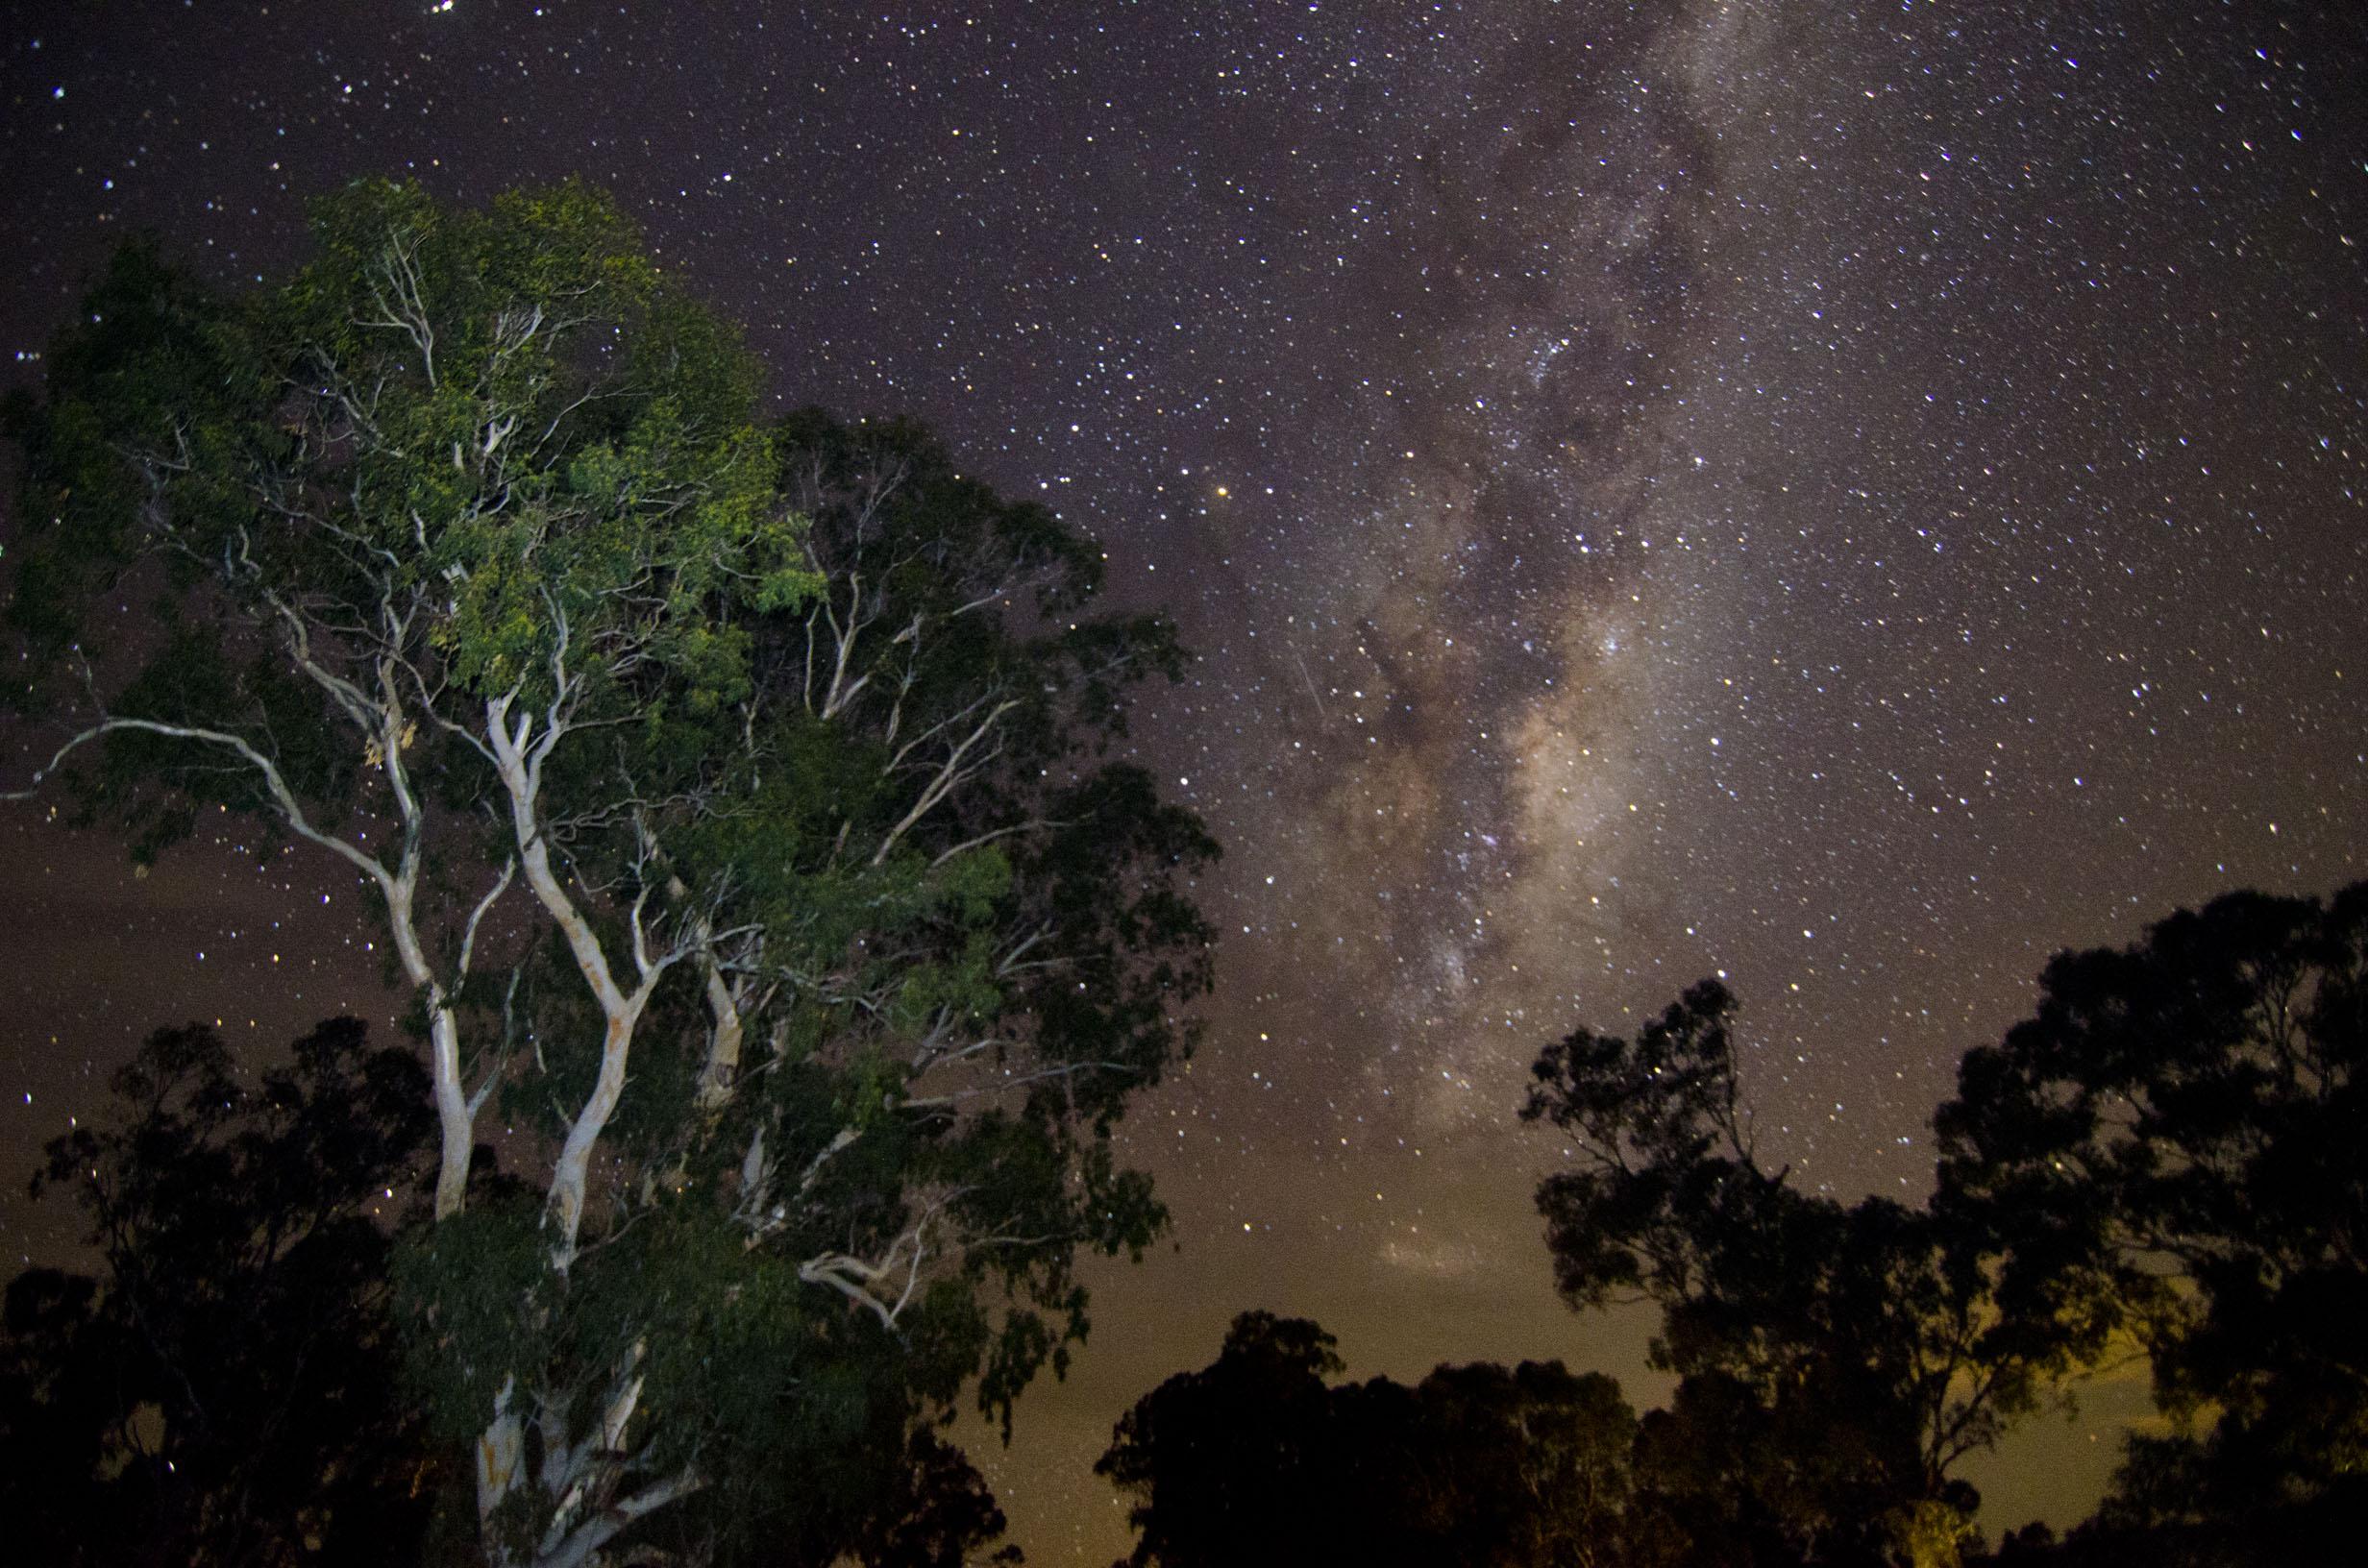 бесконечные австралия млечный путь фото бросила